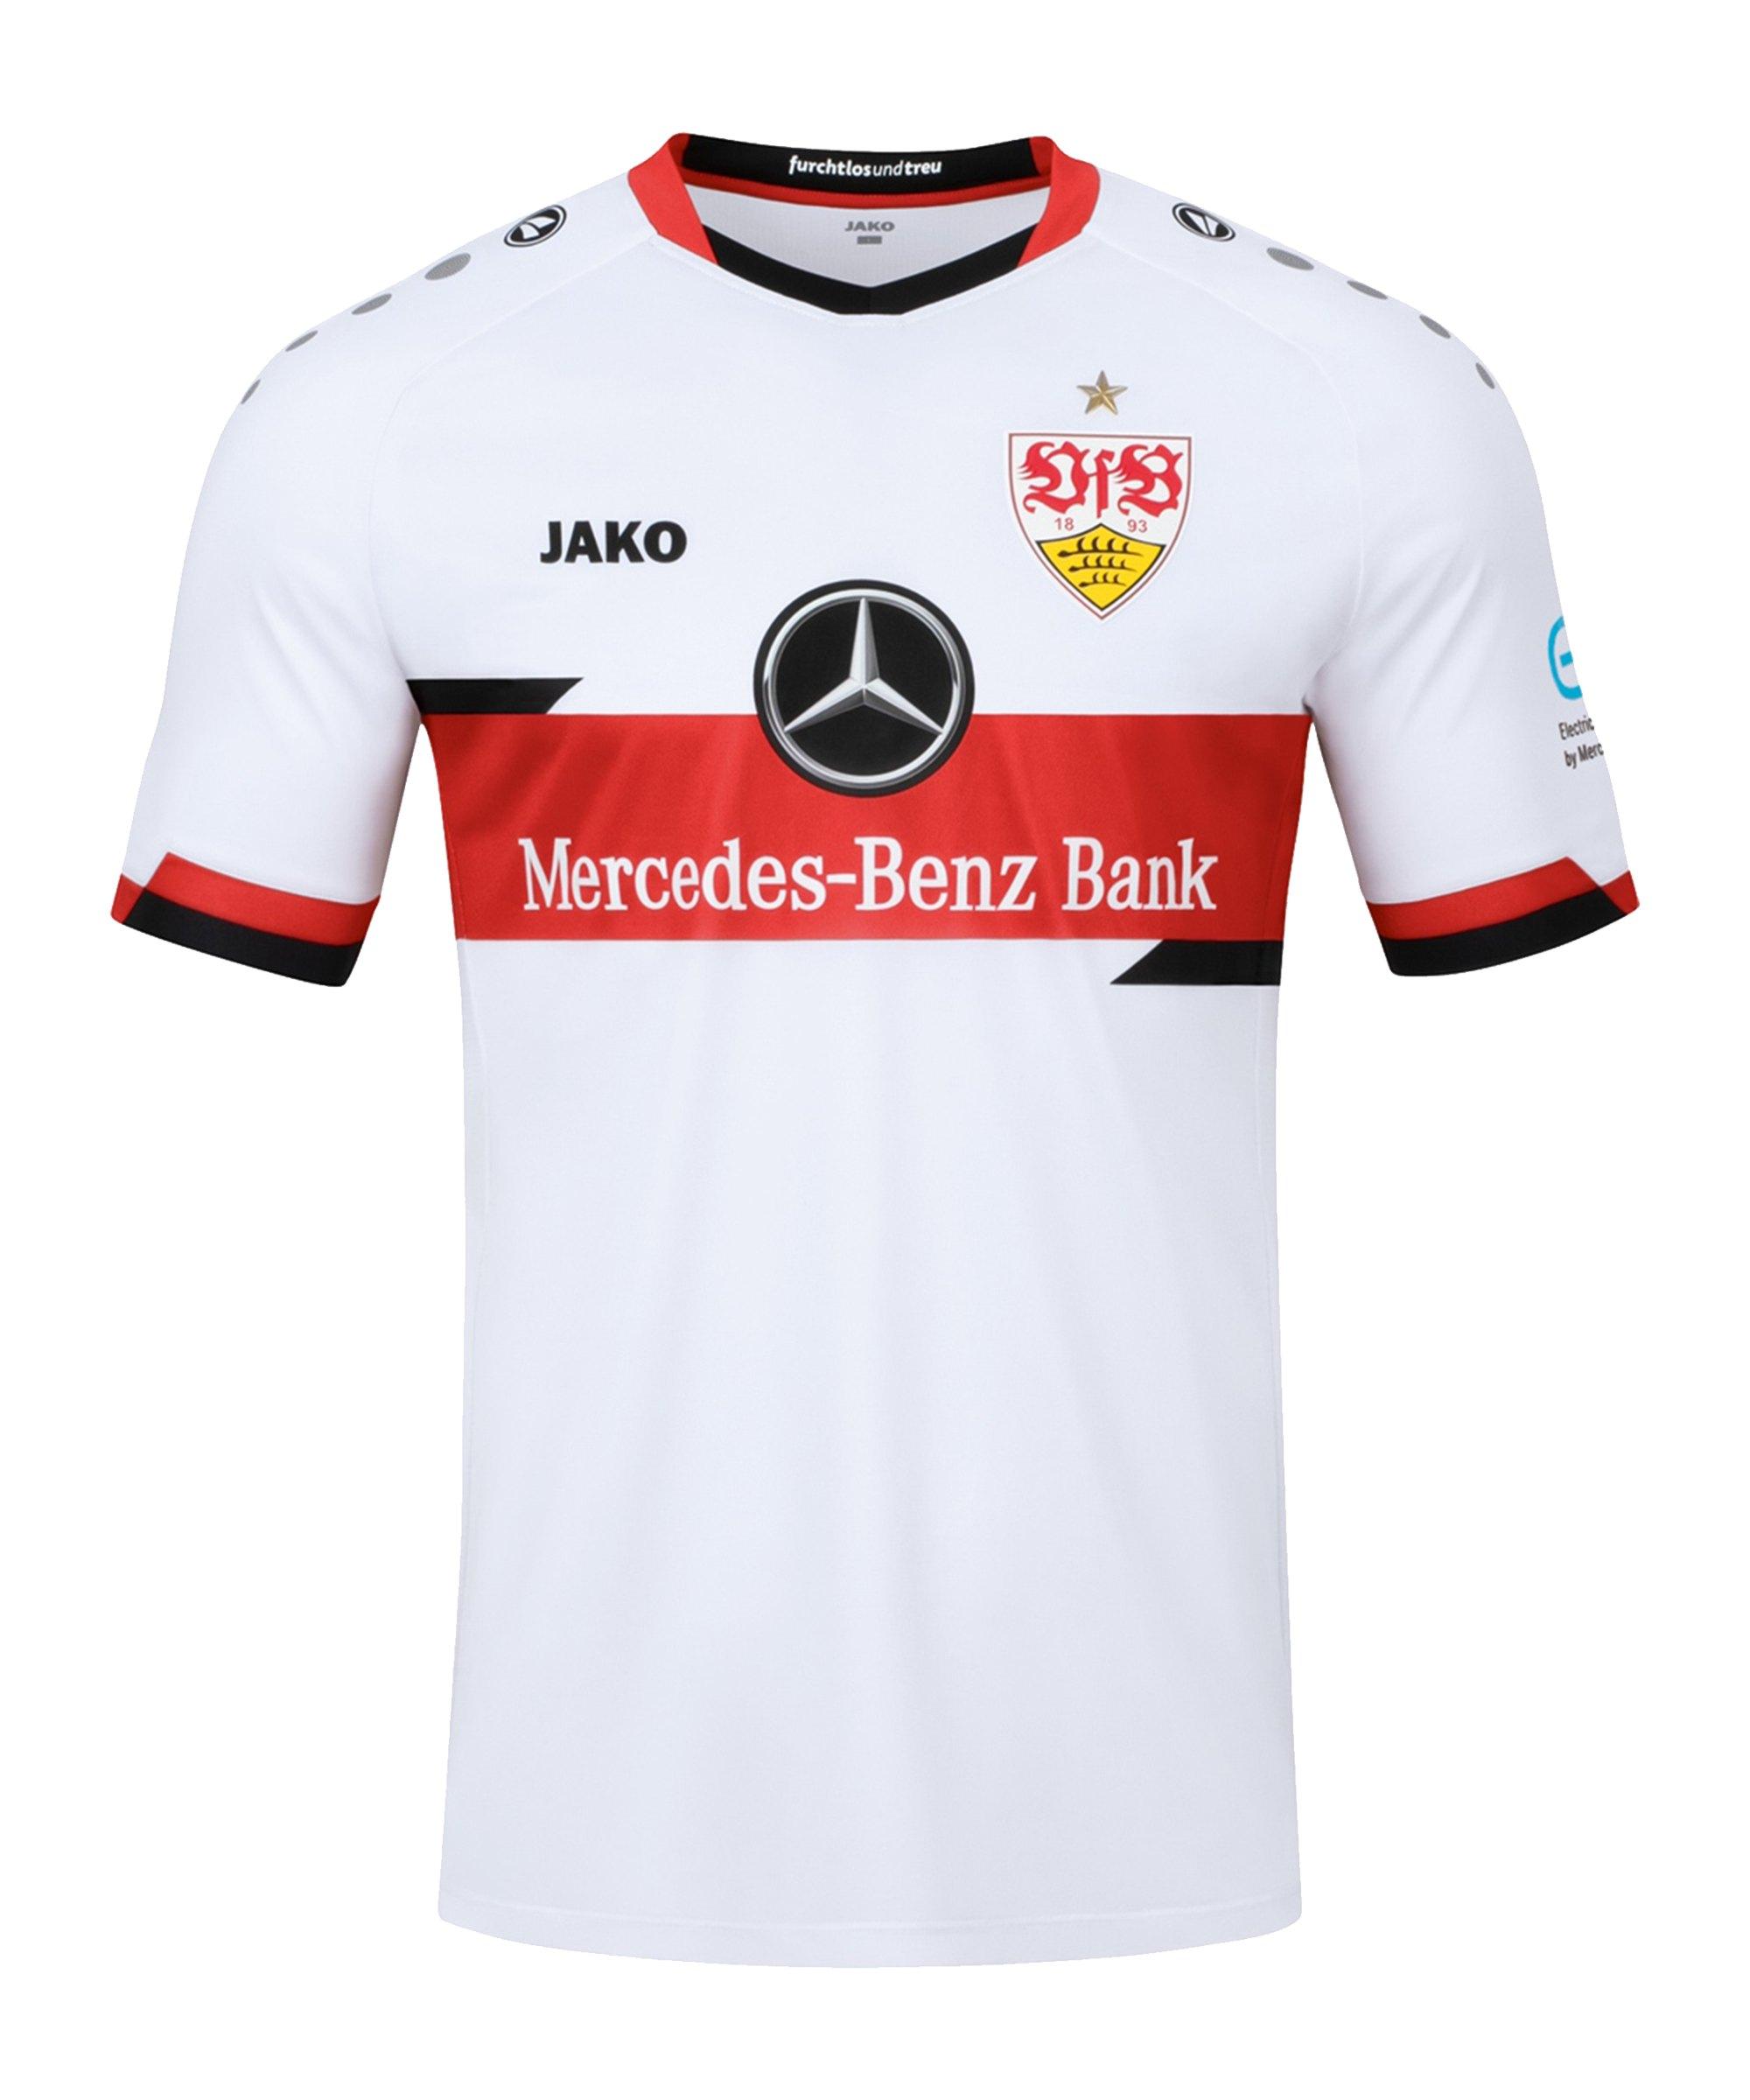 JAKO VfB Stuttgart Trikot Home 2021/2022 Kids Weiss F00 - weiss